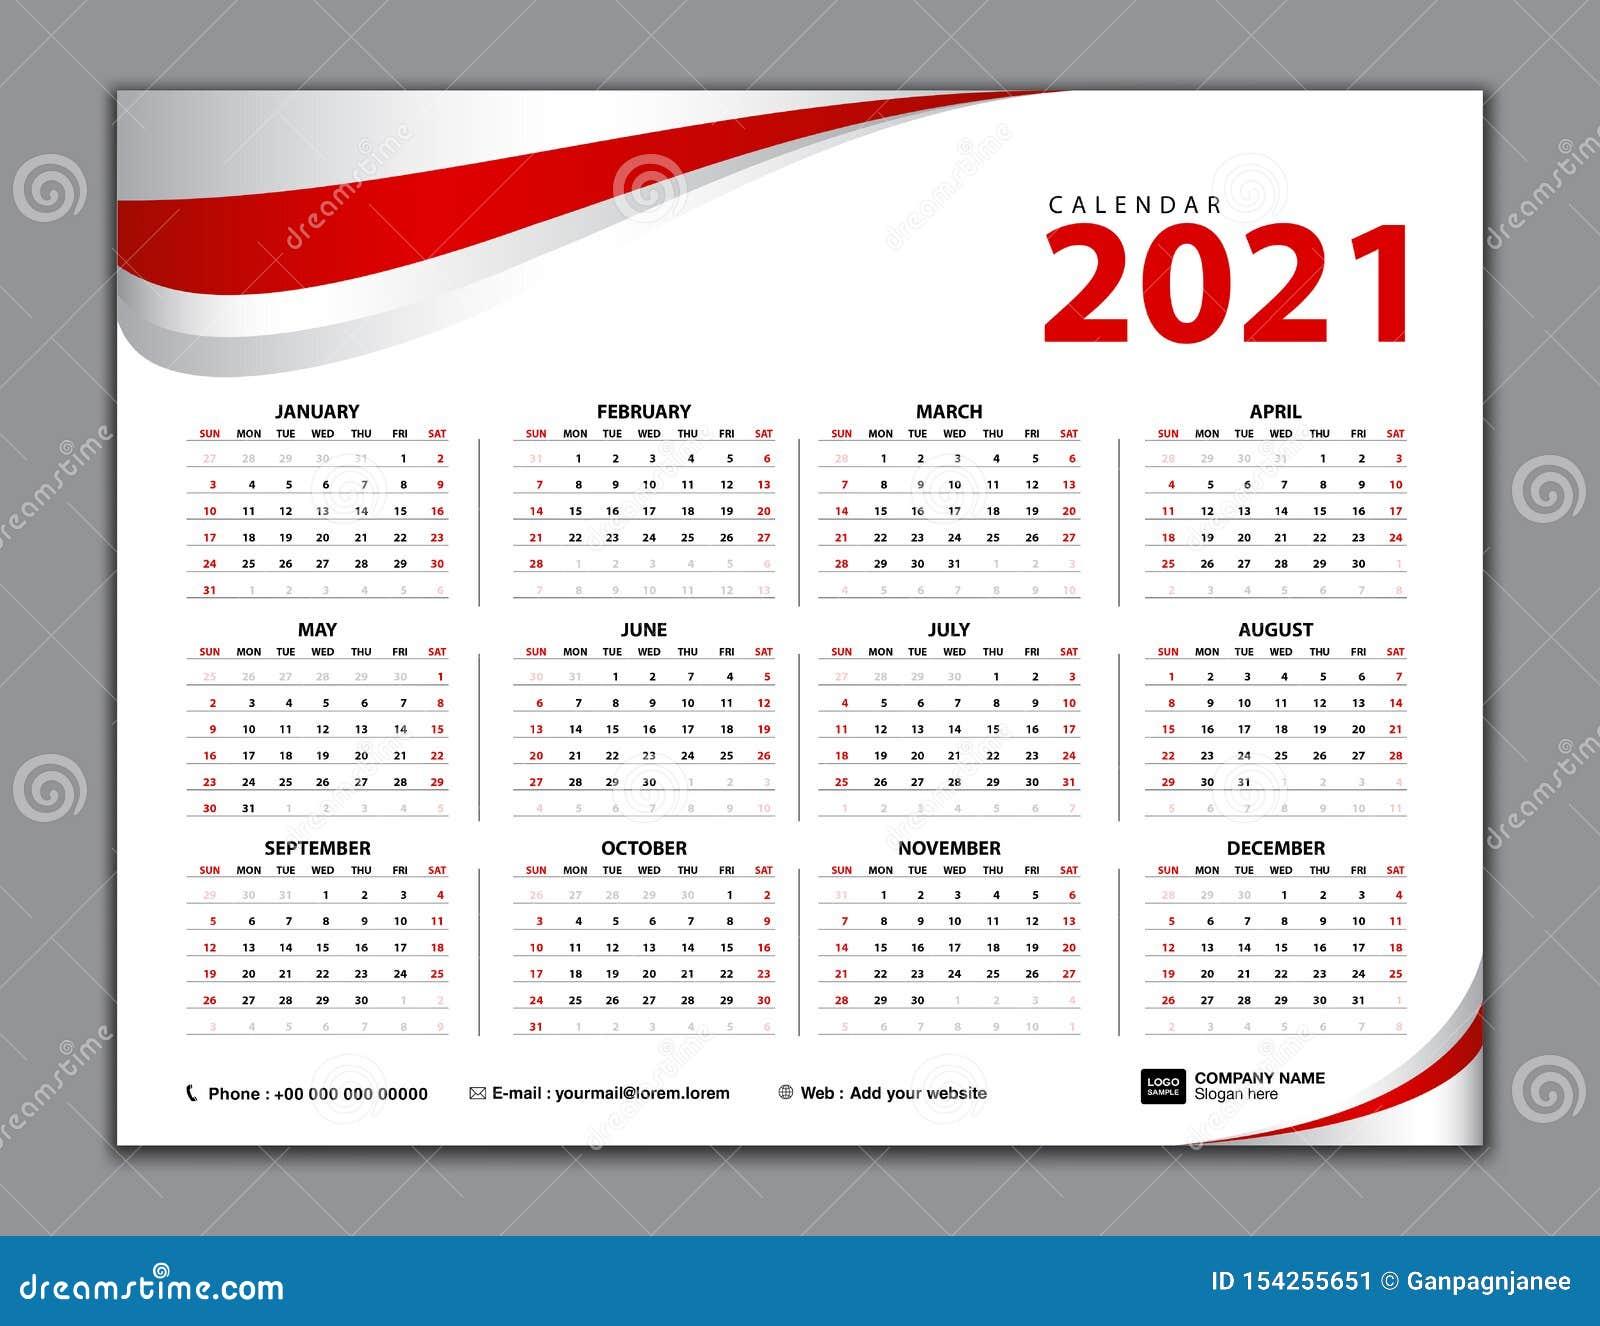 Calendrier 2021 Vectoriel Calendrier 2021, Calendrier Simple, Bureau, Débuts De Semaine Du